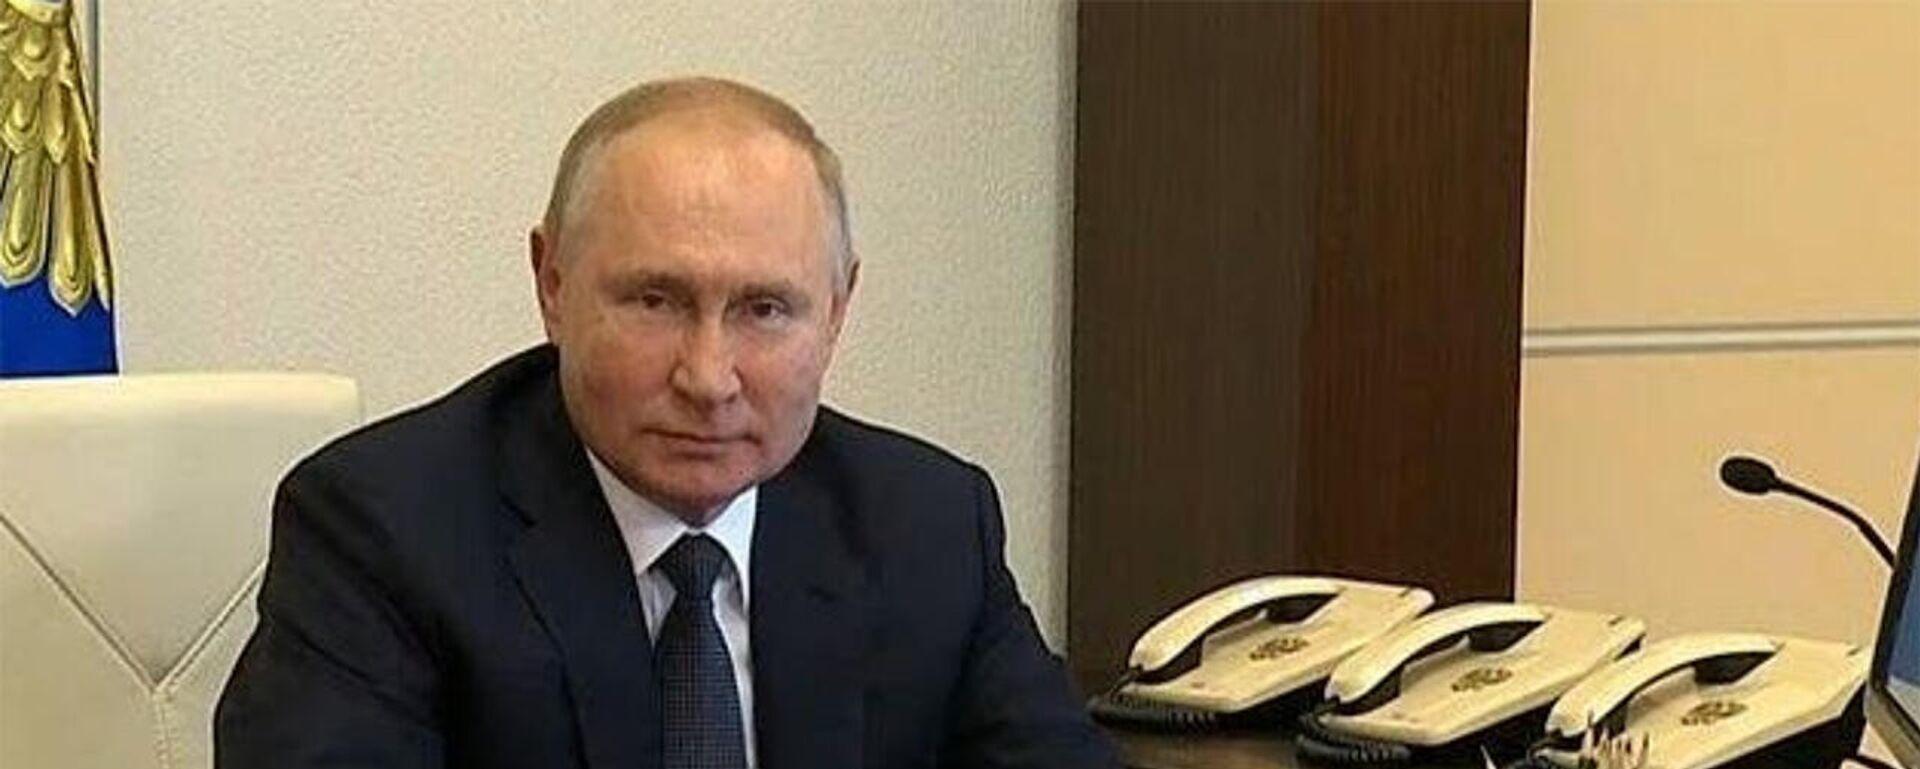 Путин проголосовал на выборах в Госдуму онлайн  - Sputnik Армения, 1920, 17.09.2021